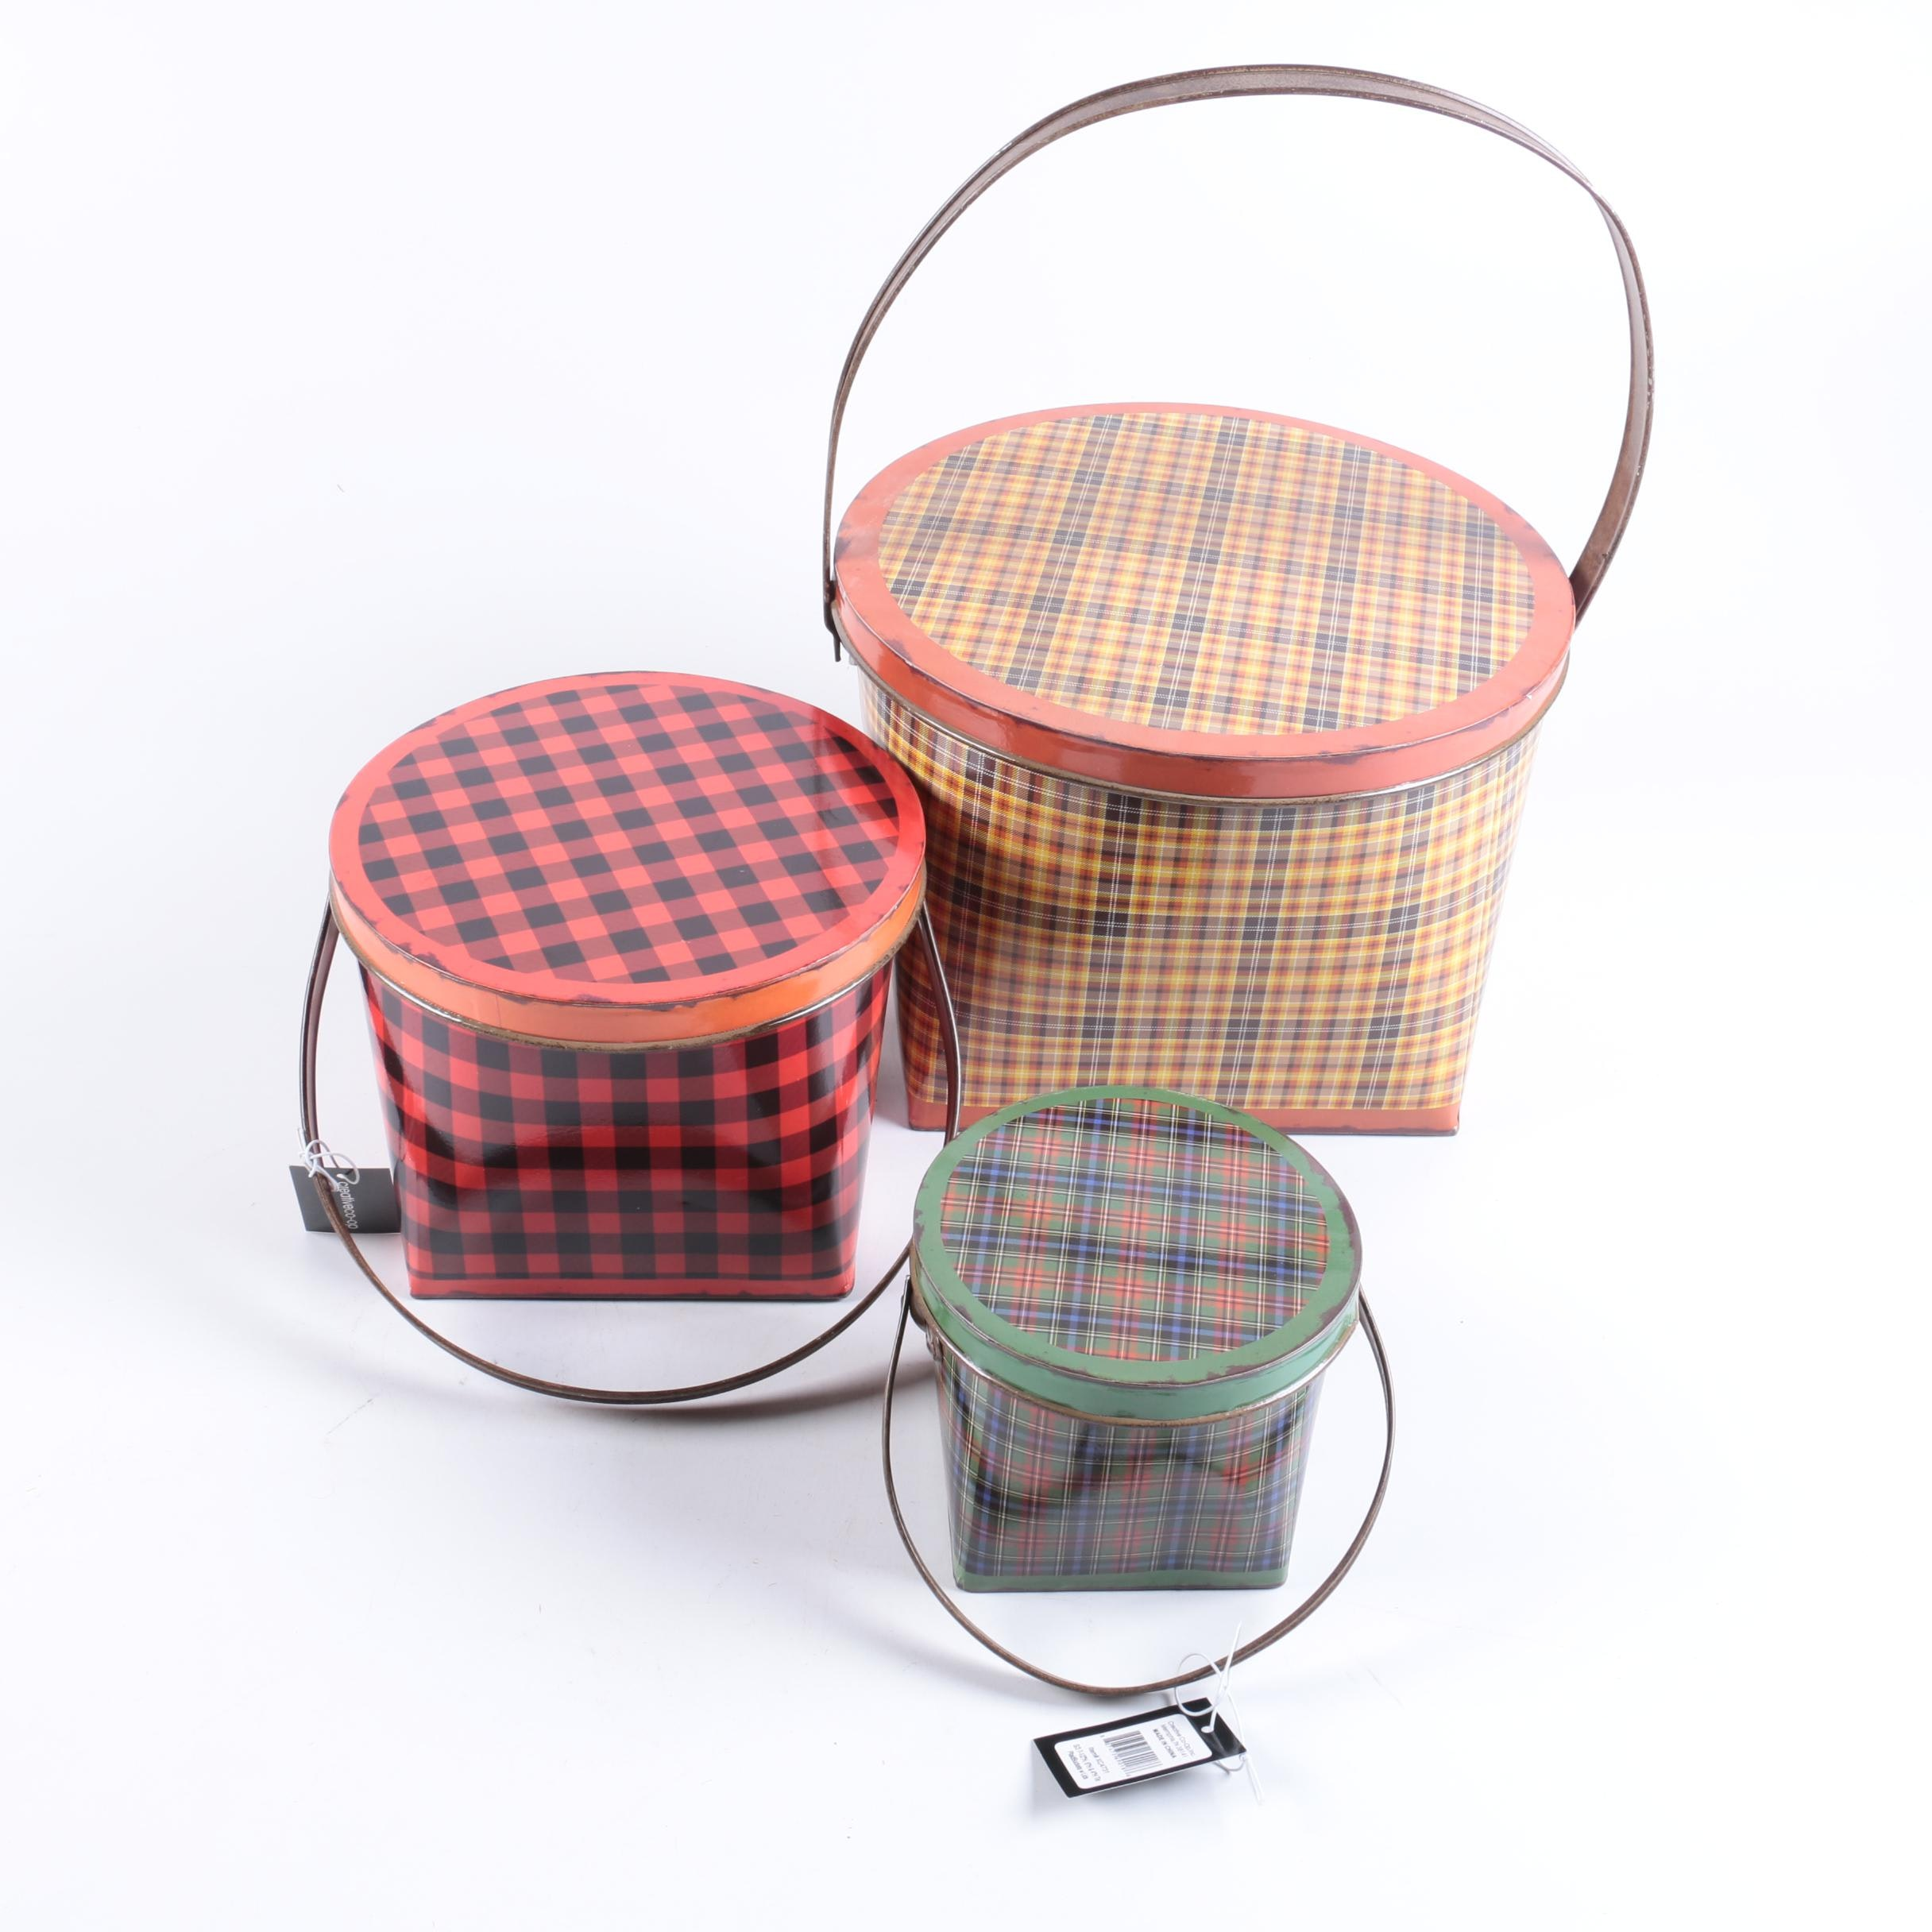 Plaid Motif Nesting Metal Baskets